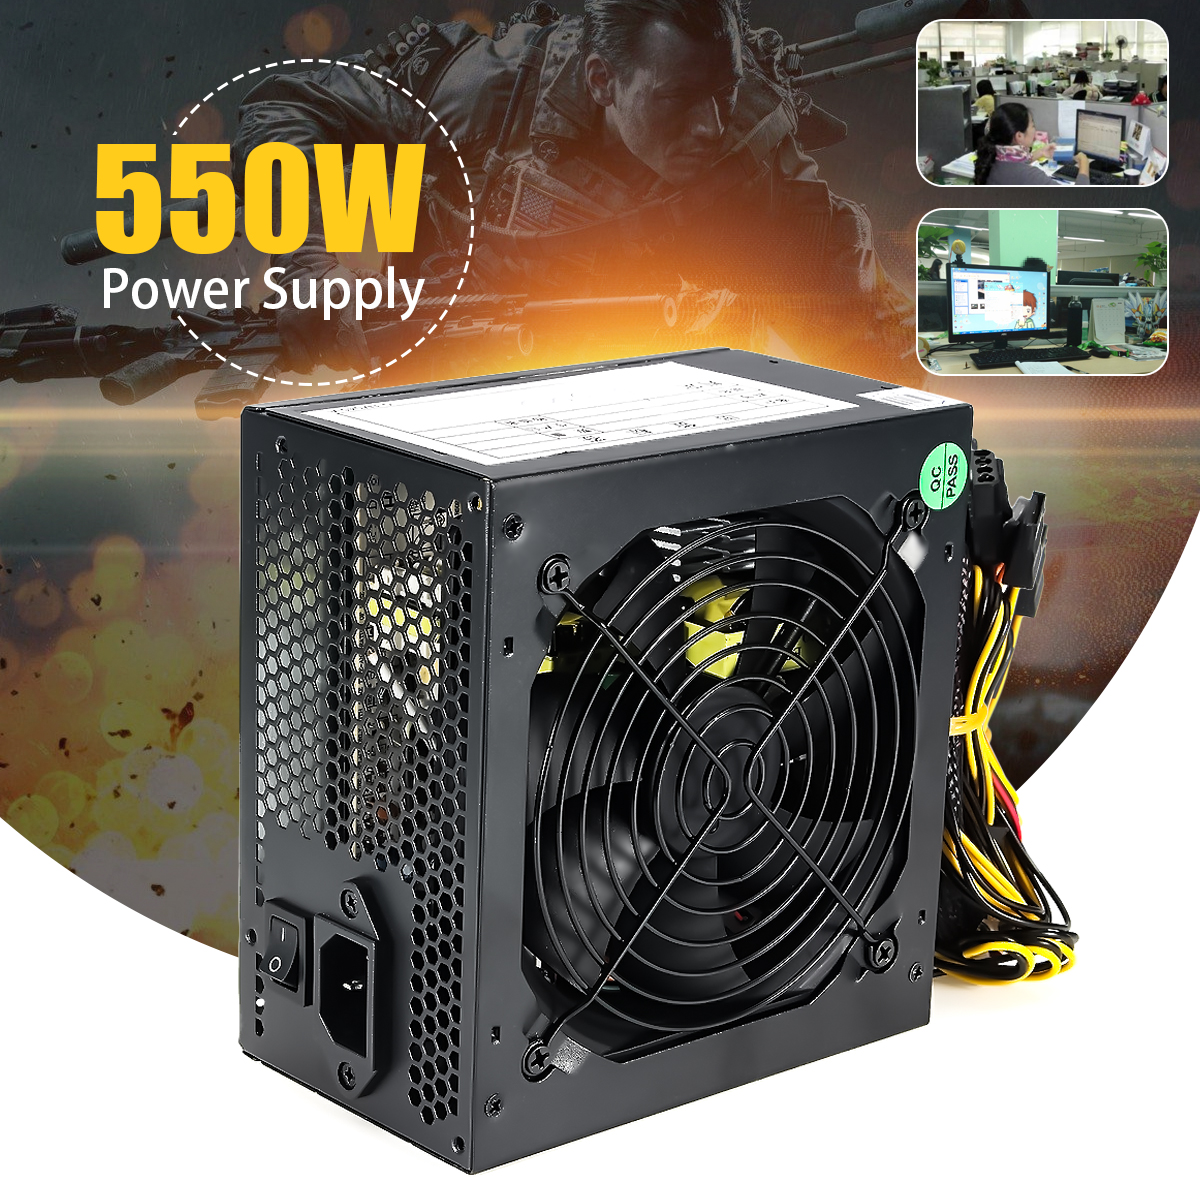 550W Peak-PC PSU alimentation noir Gaming 120mm ventilateur bleu LED 20/24pin 12V ATX haute qualité ordinateur alimentation pour BTC